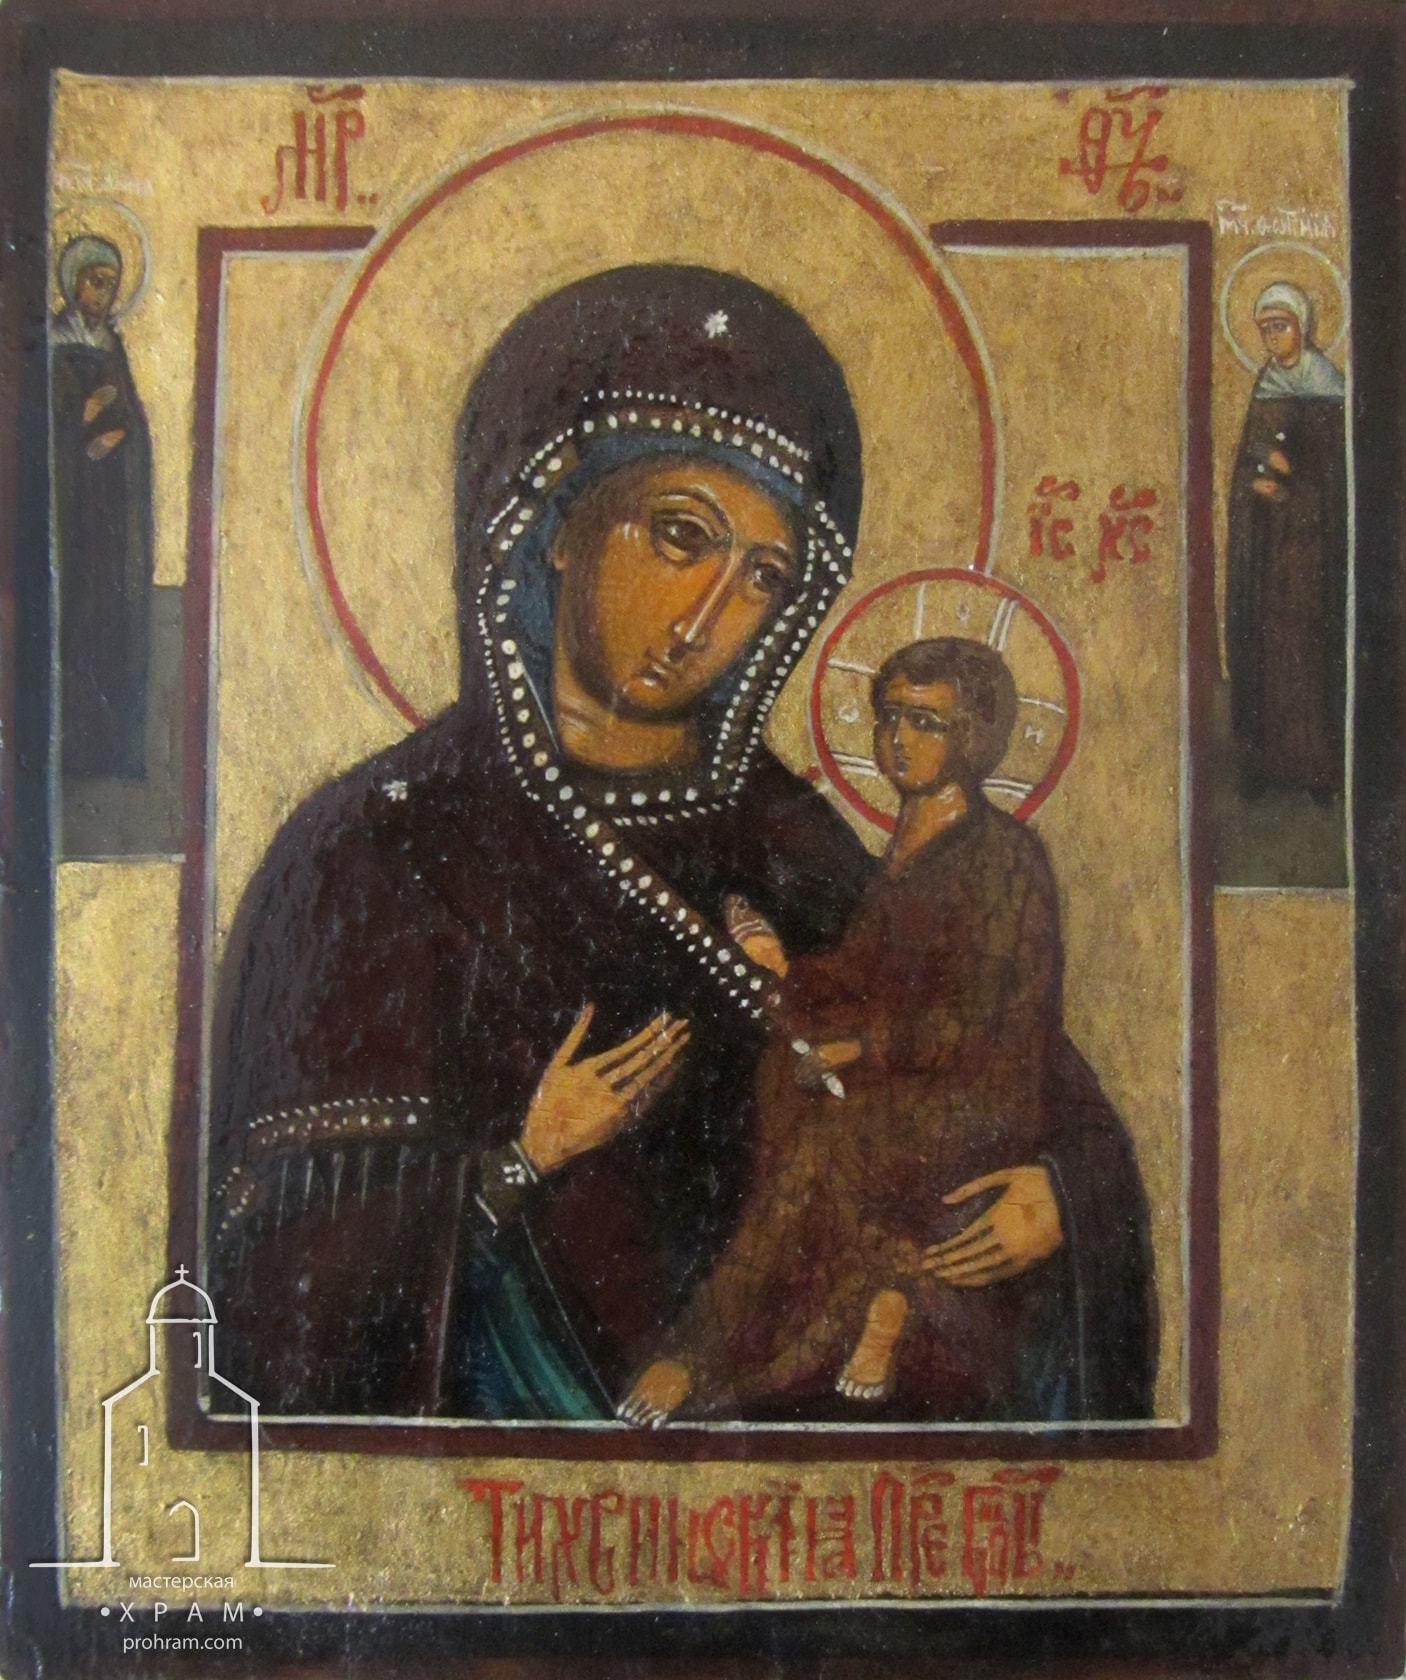 Реставрация икон, Богородица, реставрация икон минск, реставрация икон москва, реставрация икона спб, этапы реставрации иконы